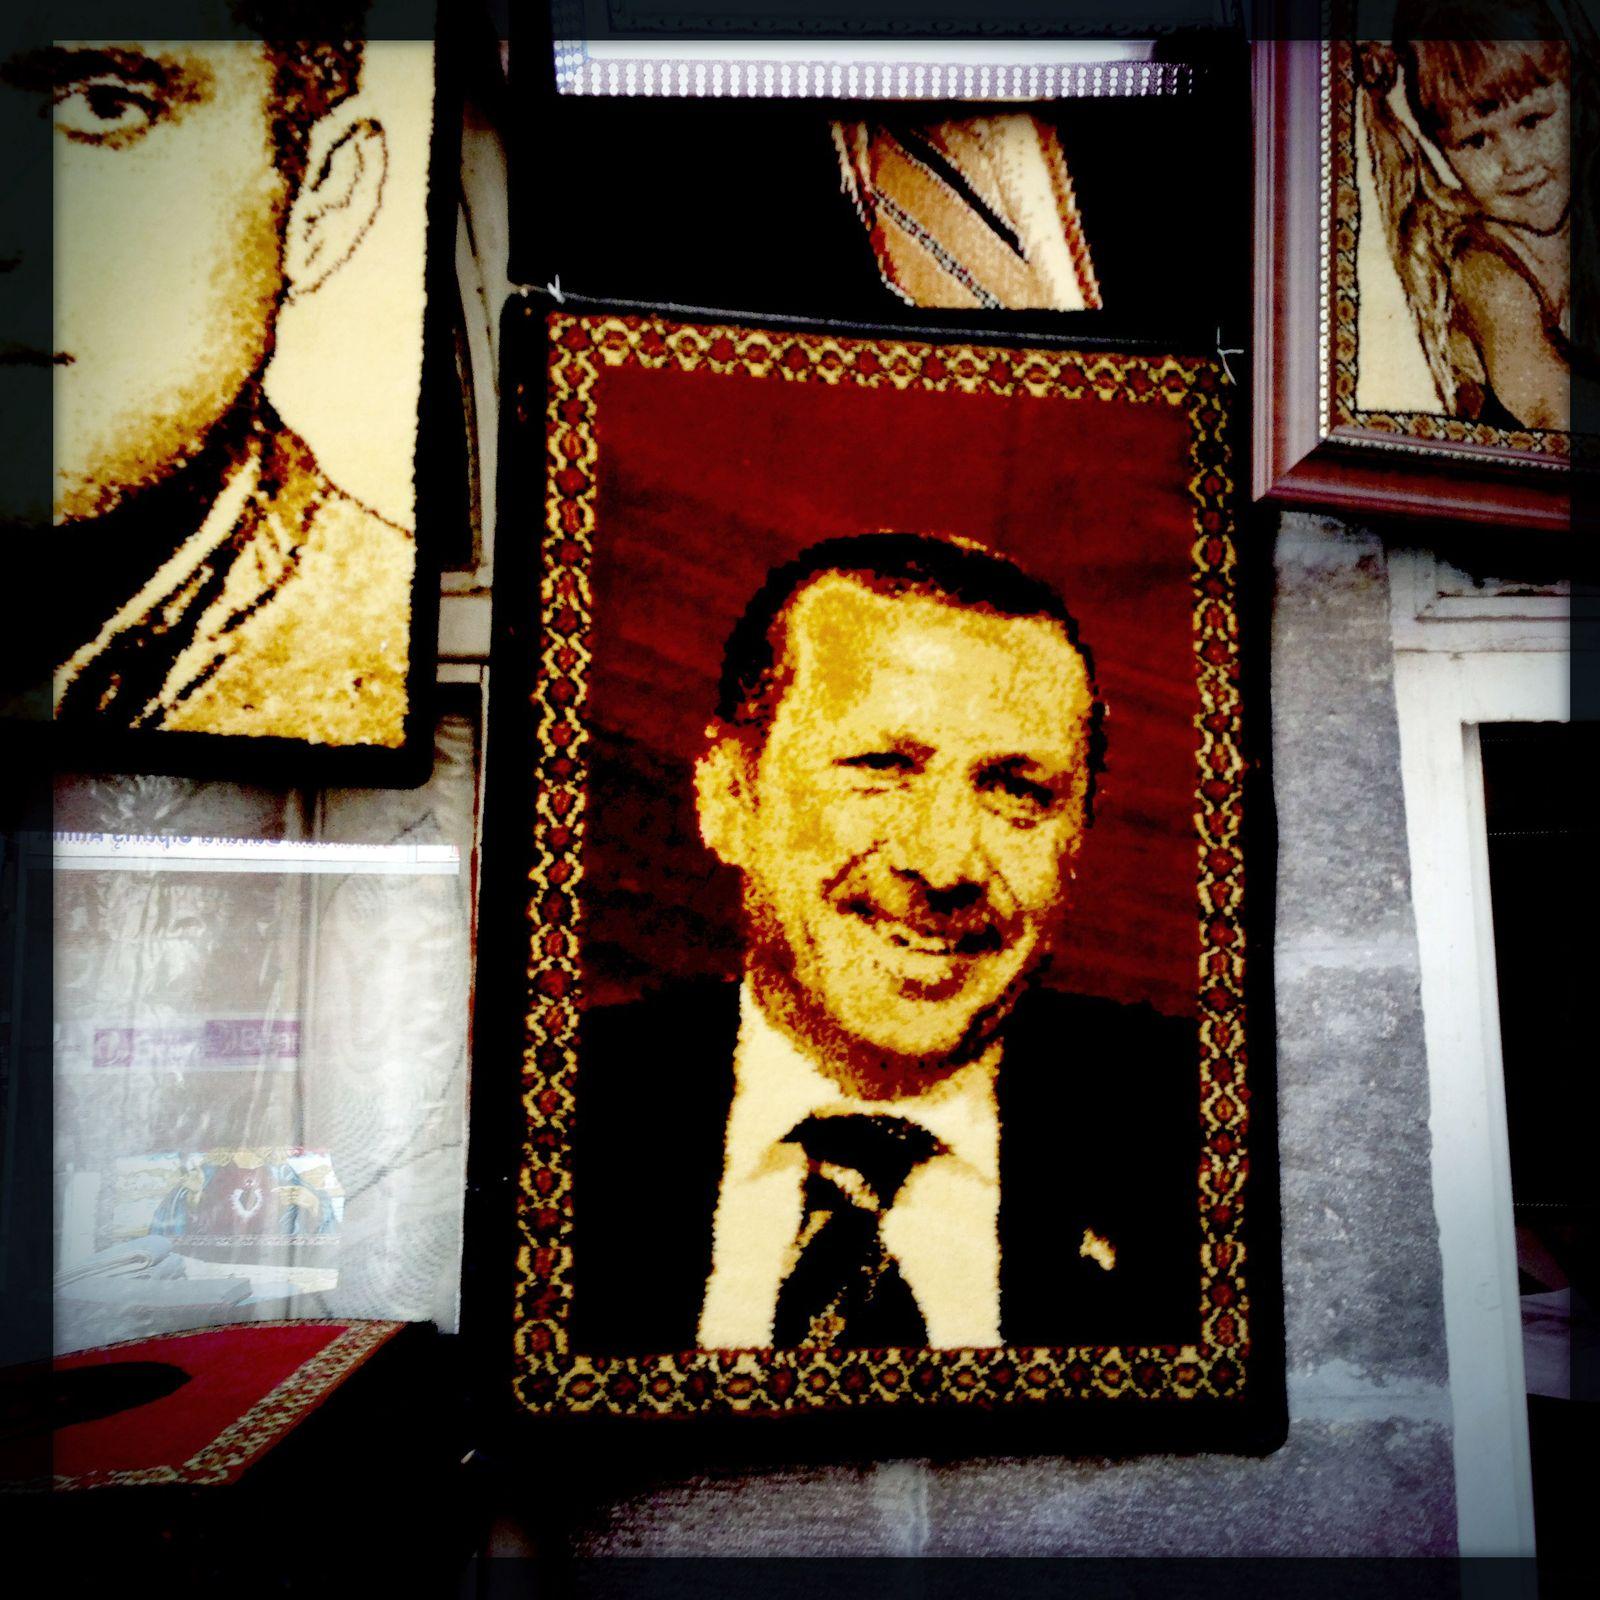 TURKEY-POLITICS-ATATURK